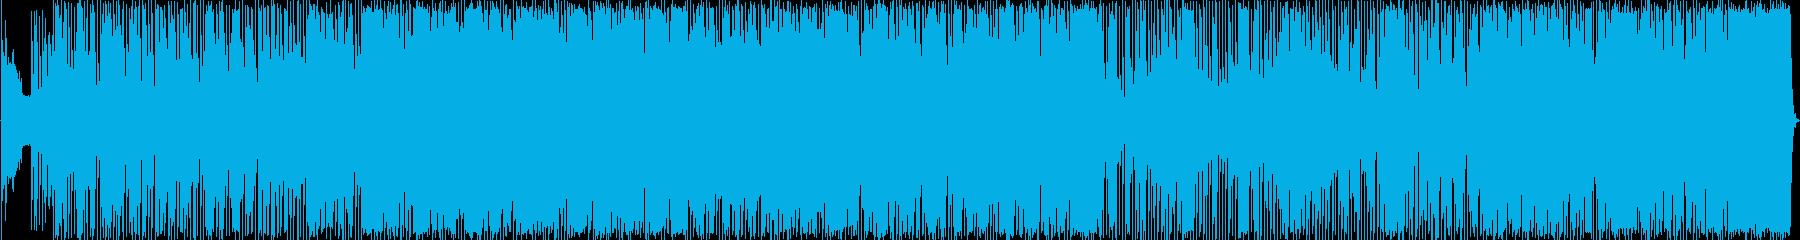 ファンキーなロックンロール曲の再生済みの波形